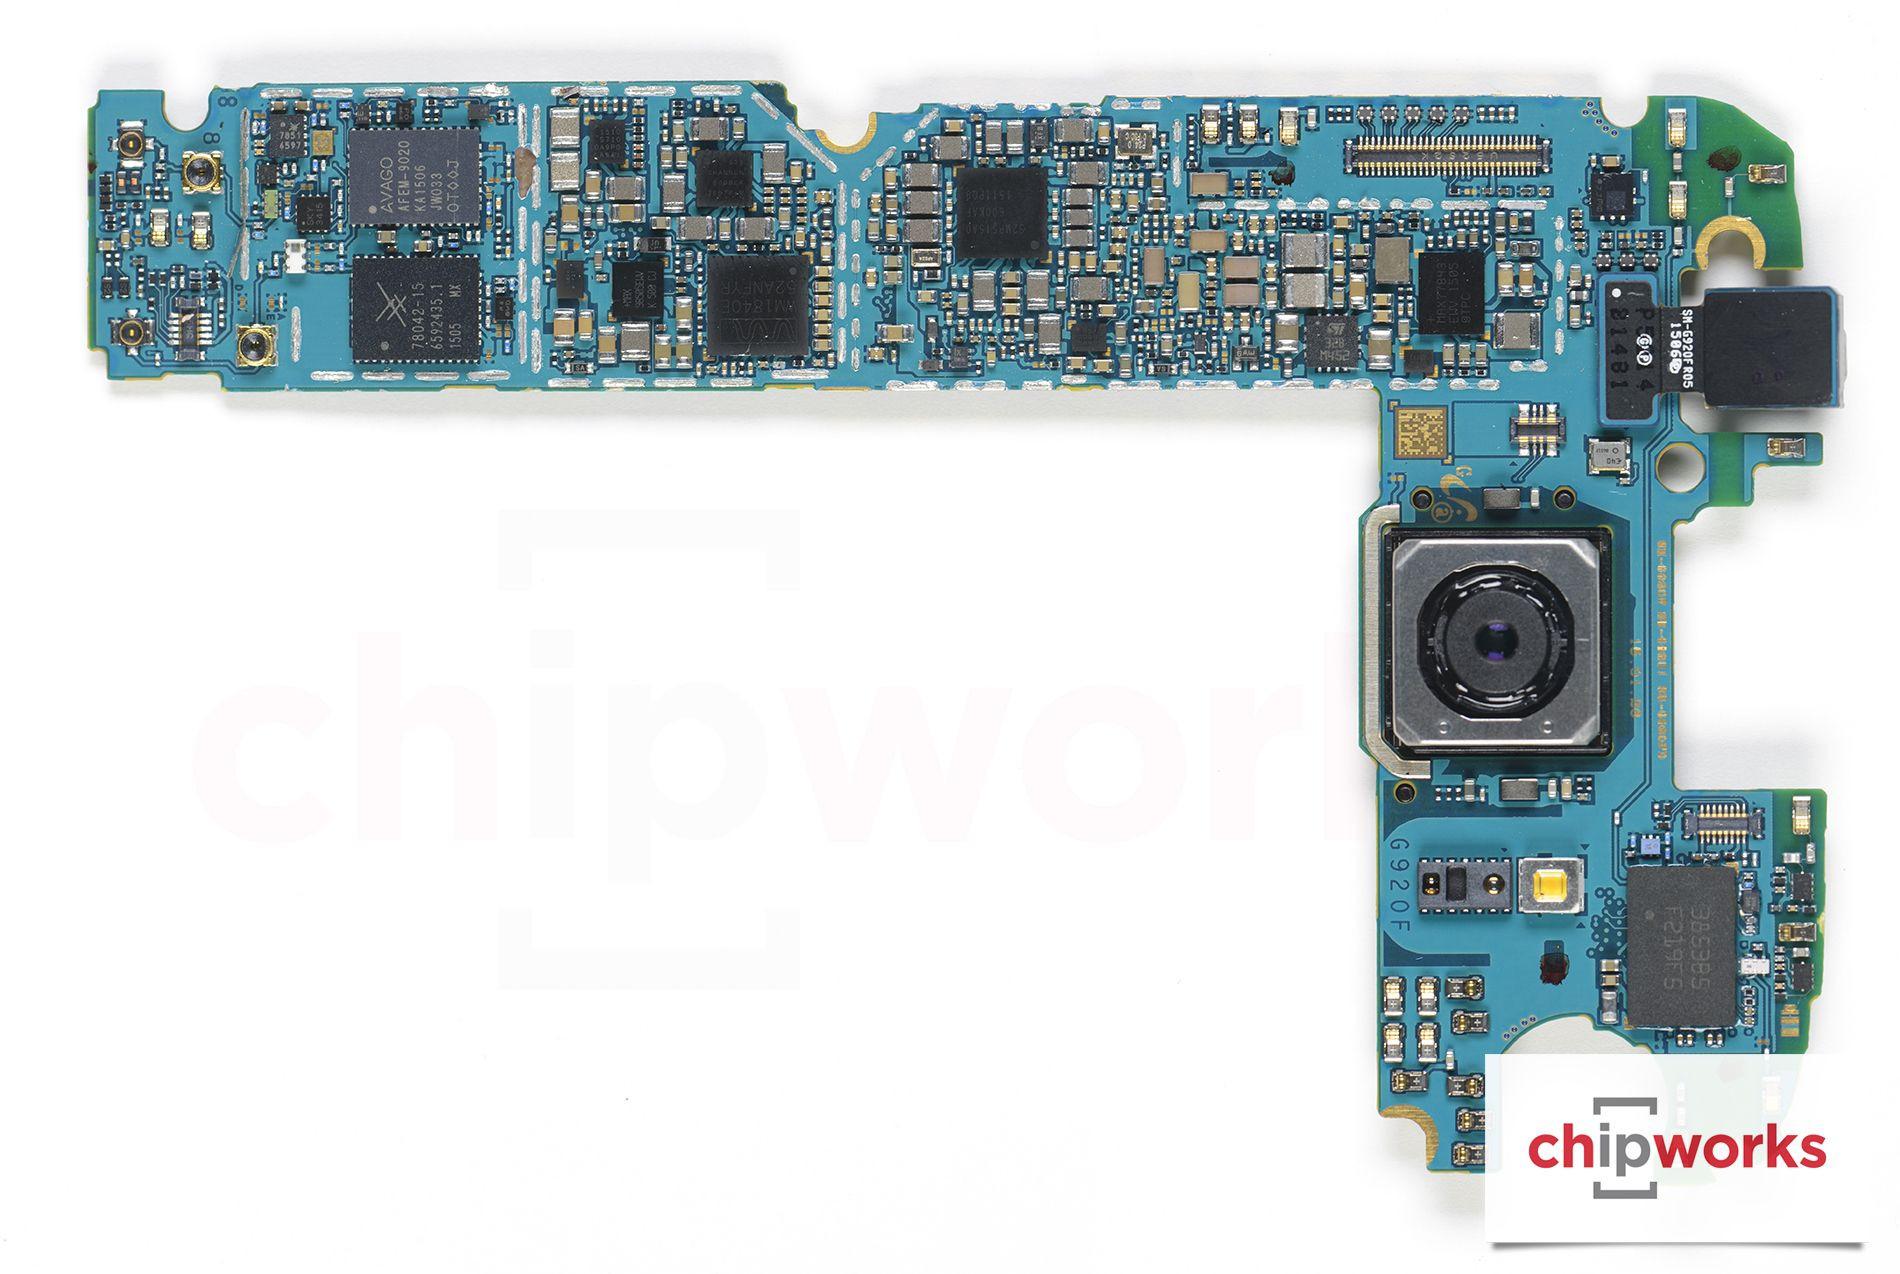 1428256143_large-front-compressor.jpg